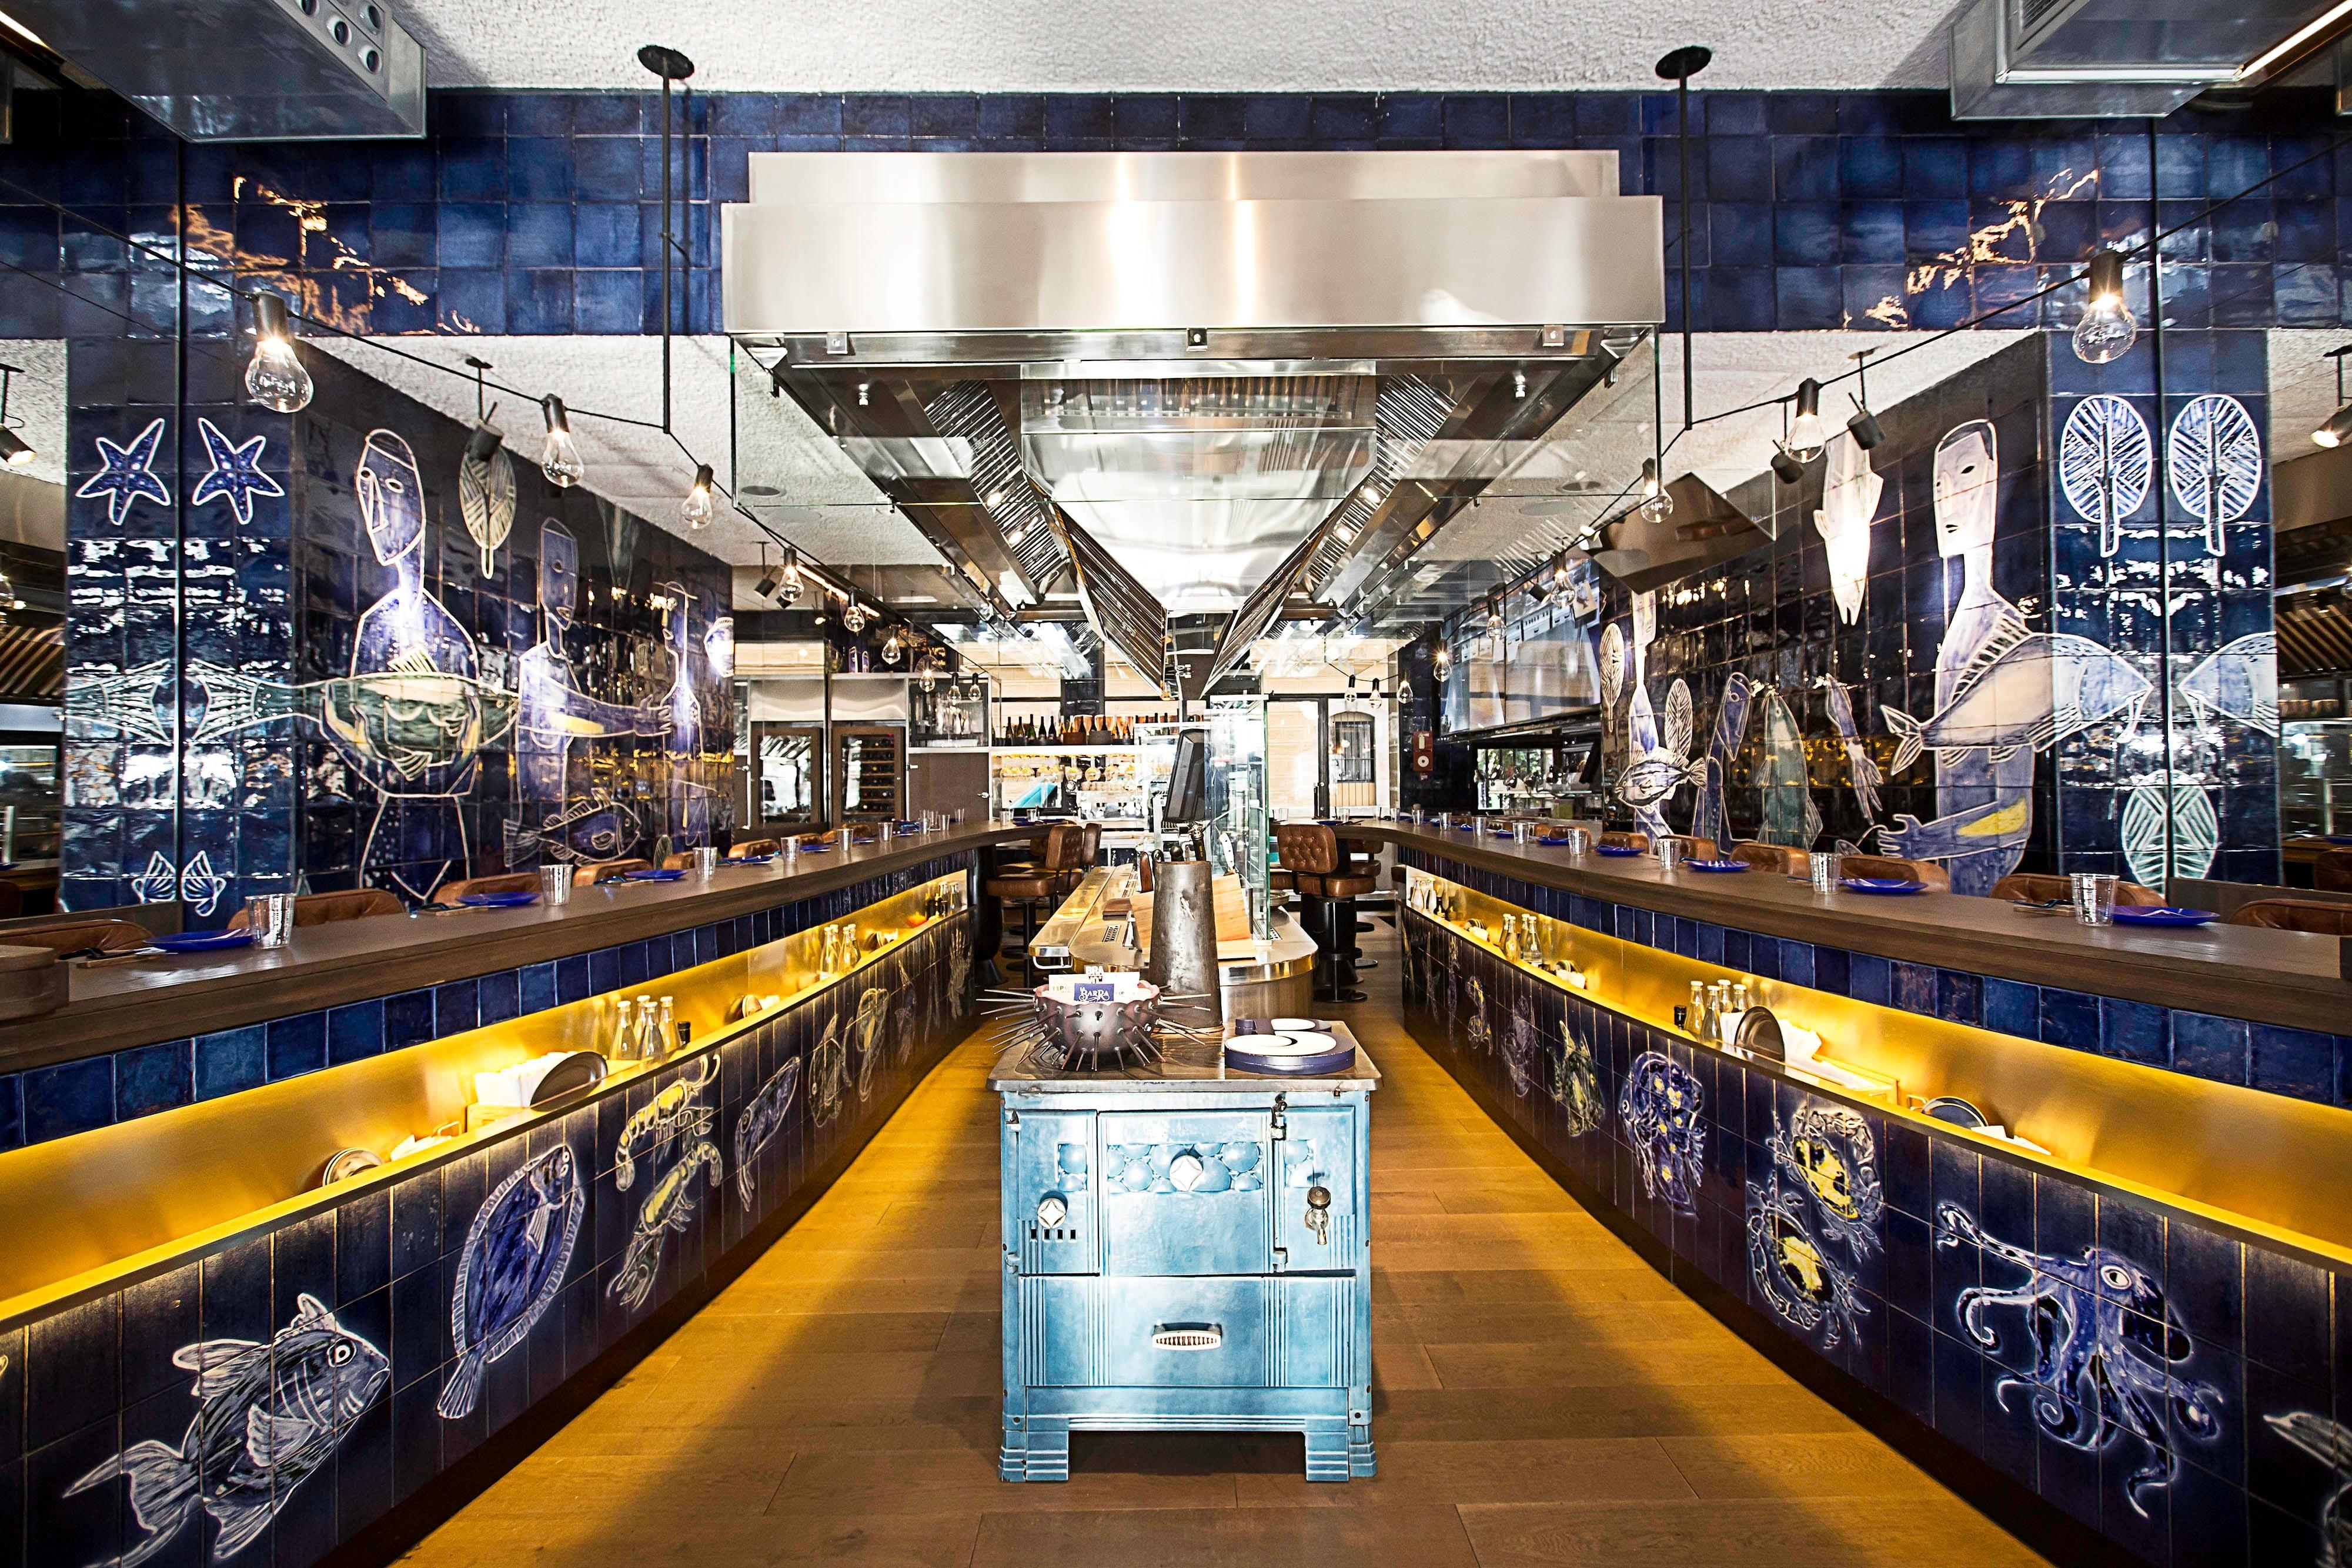 Restaurant La Barra